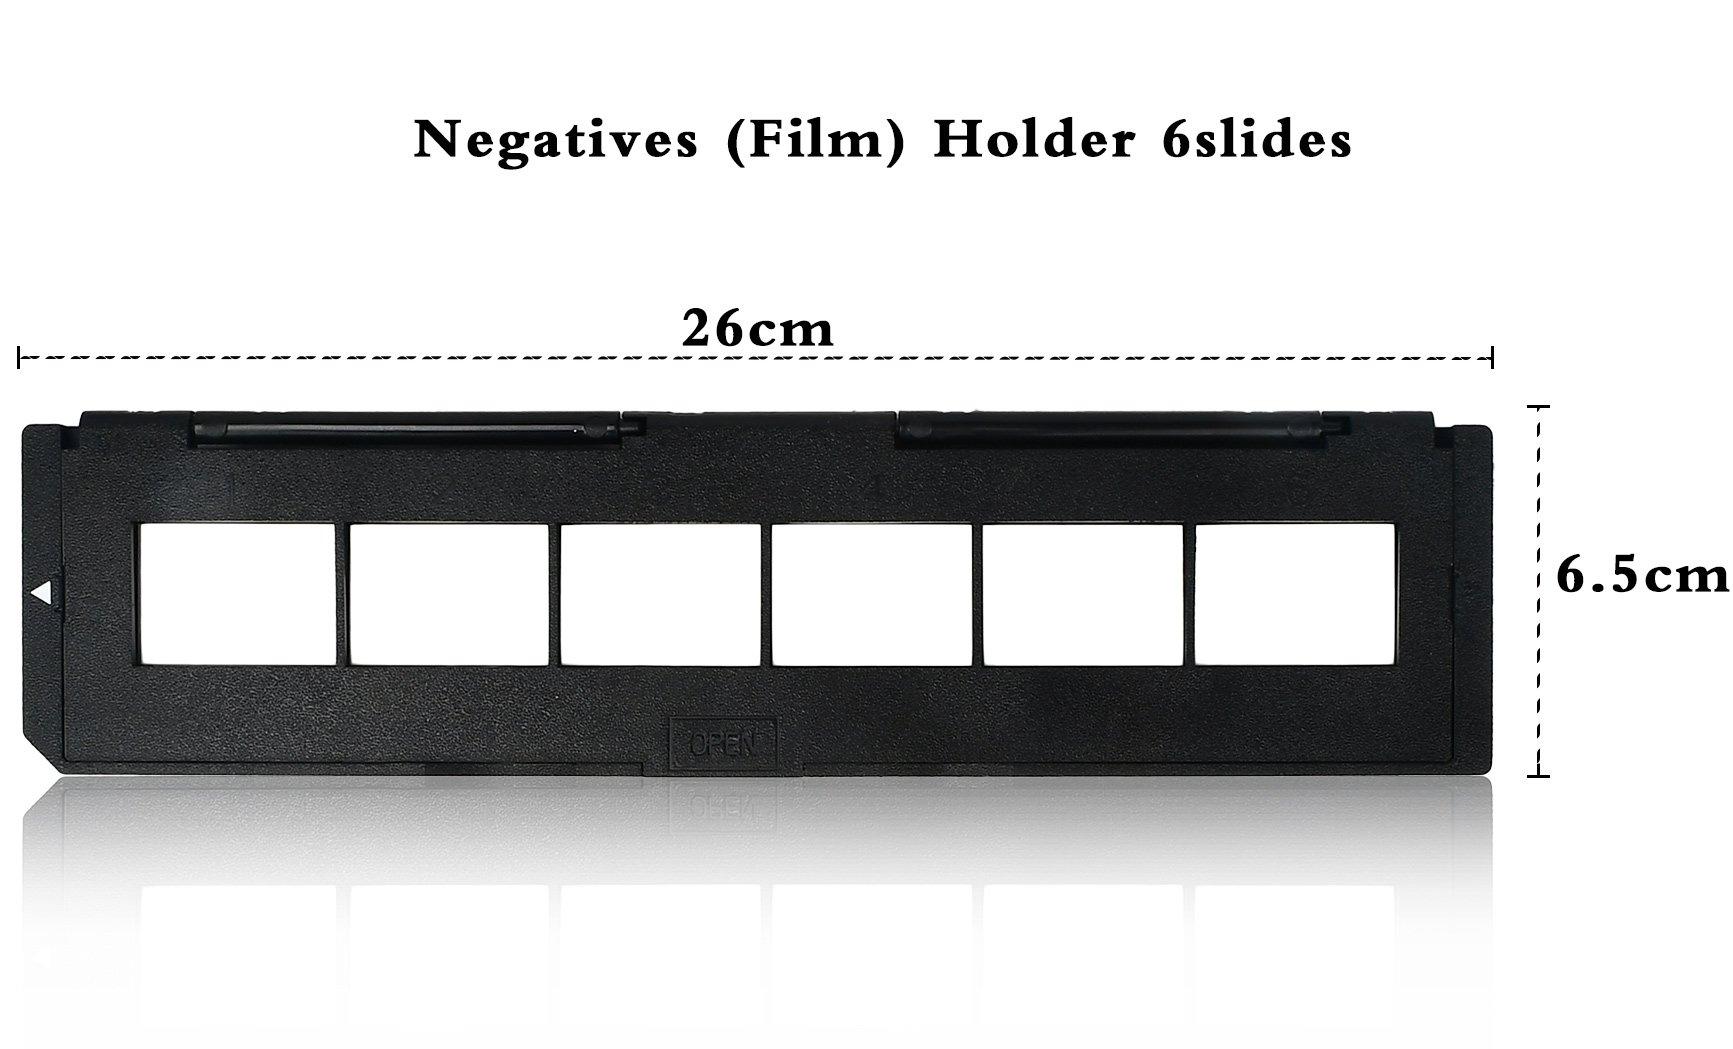 DIGITNOW! 1 Pack Spare 135 Slide Holder and 1 pack spare 35mm film holder for Slide/film Scanner(7200, 7200u, 120 Pro Scanners) by DIGITNOW (Image #2)